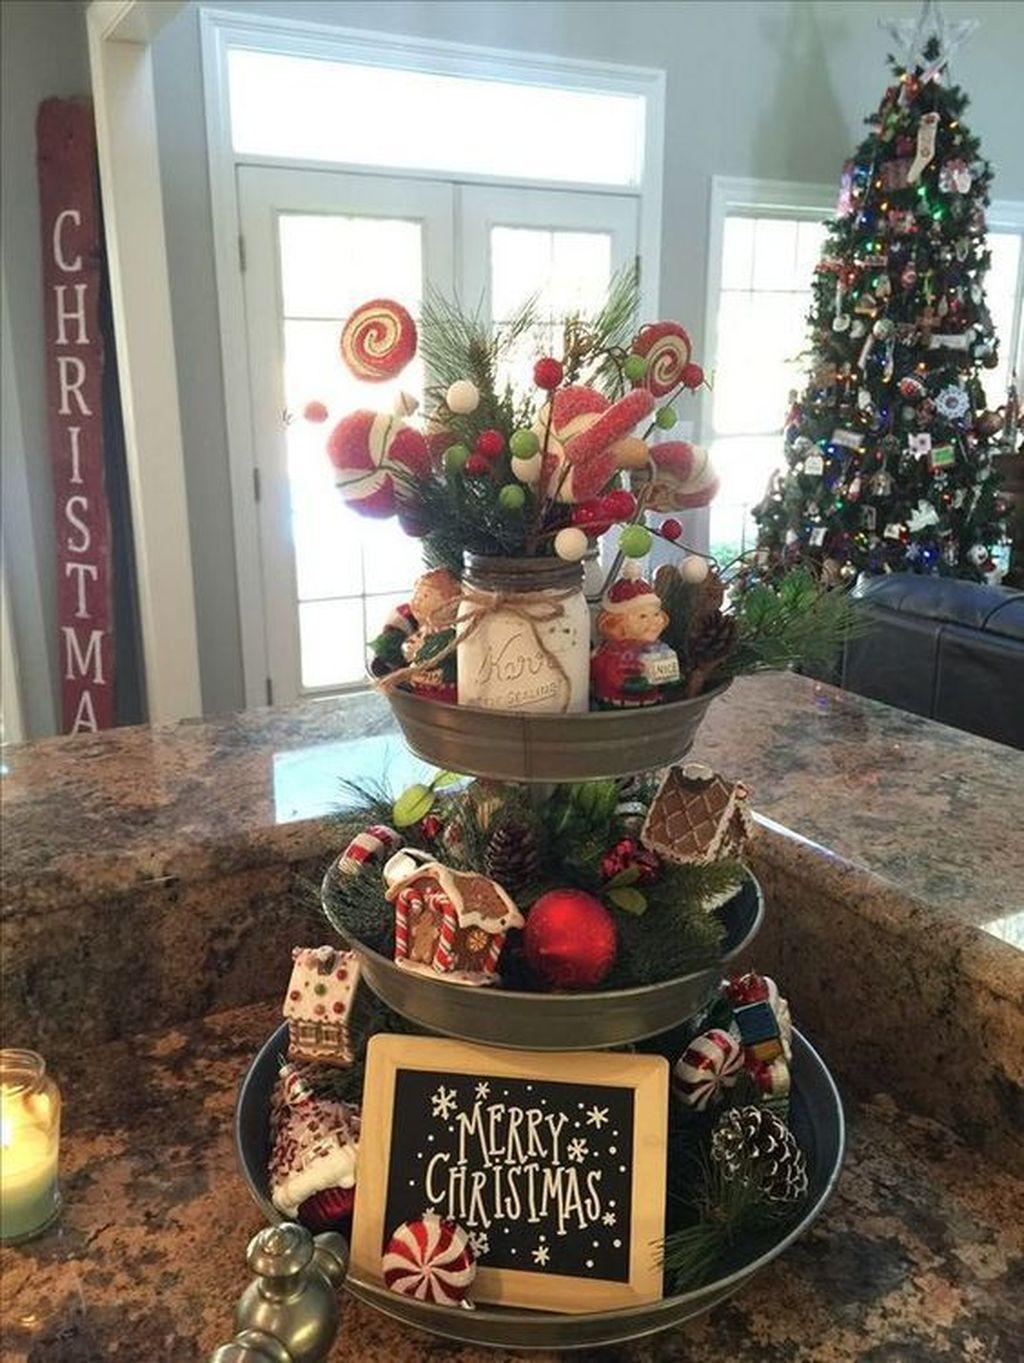 Awesome Christmas Theme Kitchen Decor Ideas 30